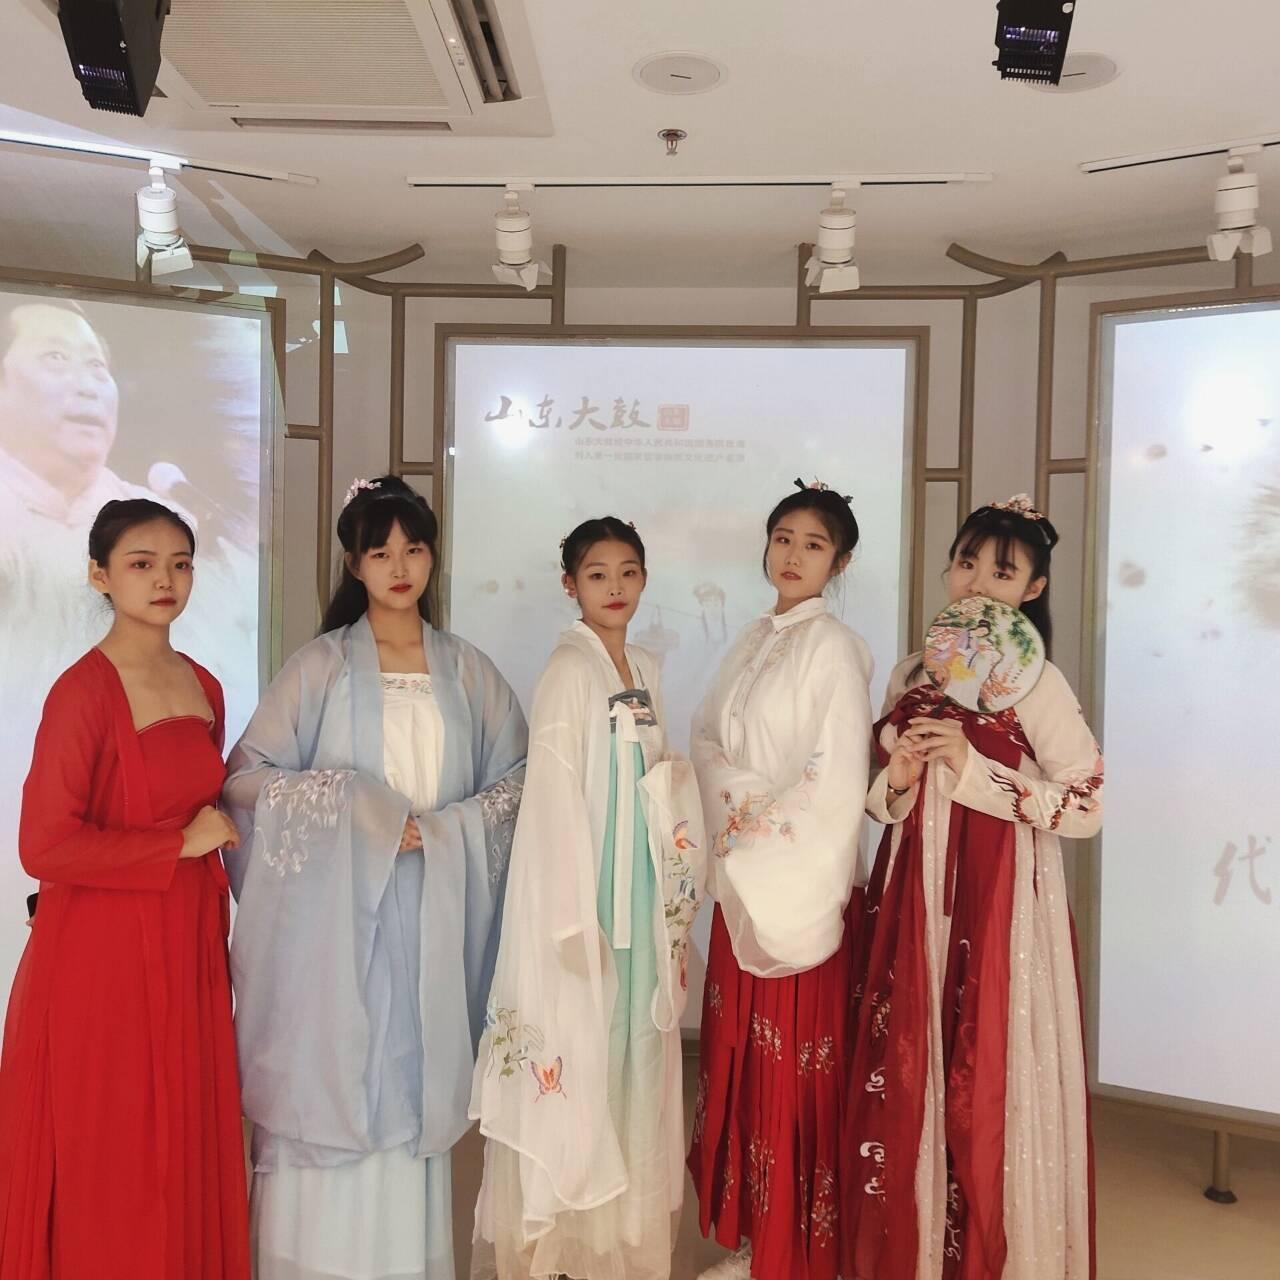 历城职专学前专业学生受邀参加百花剧场展演活动